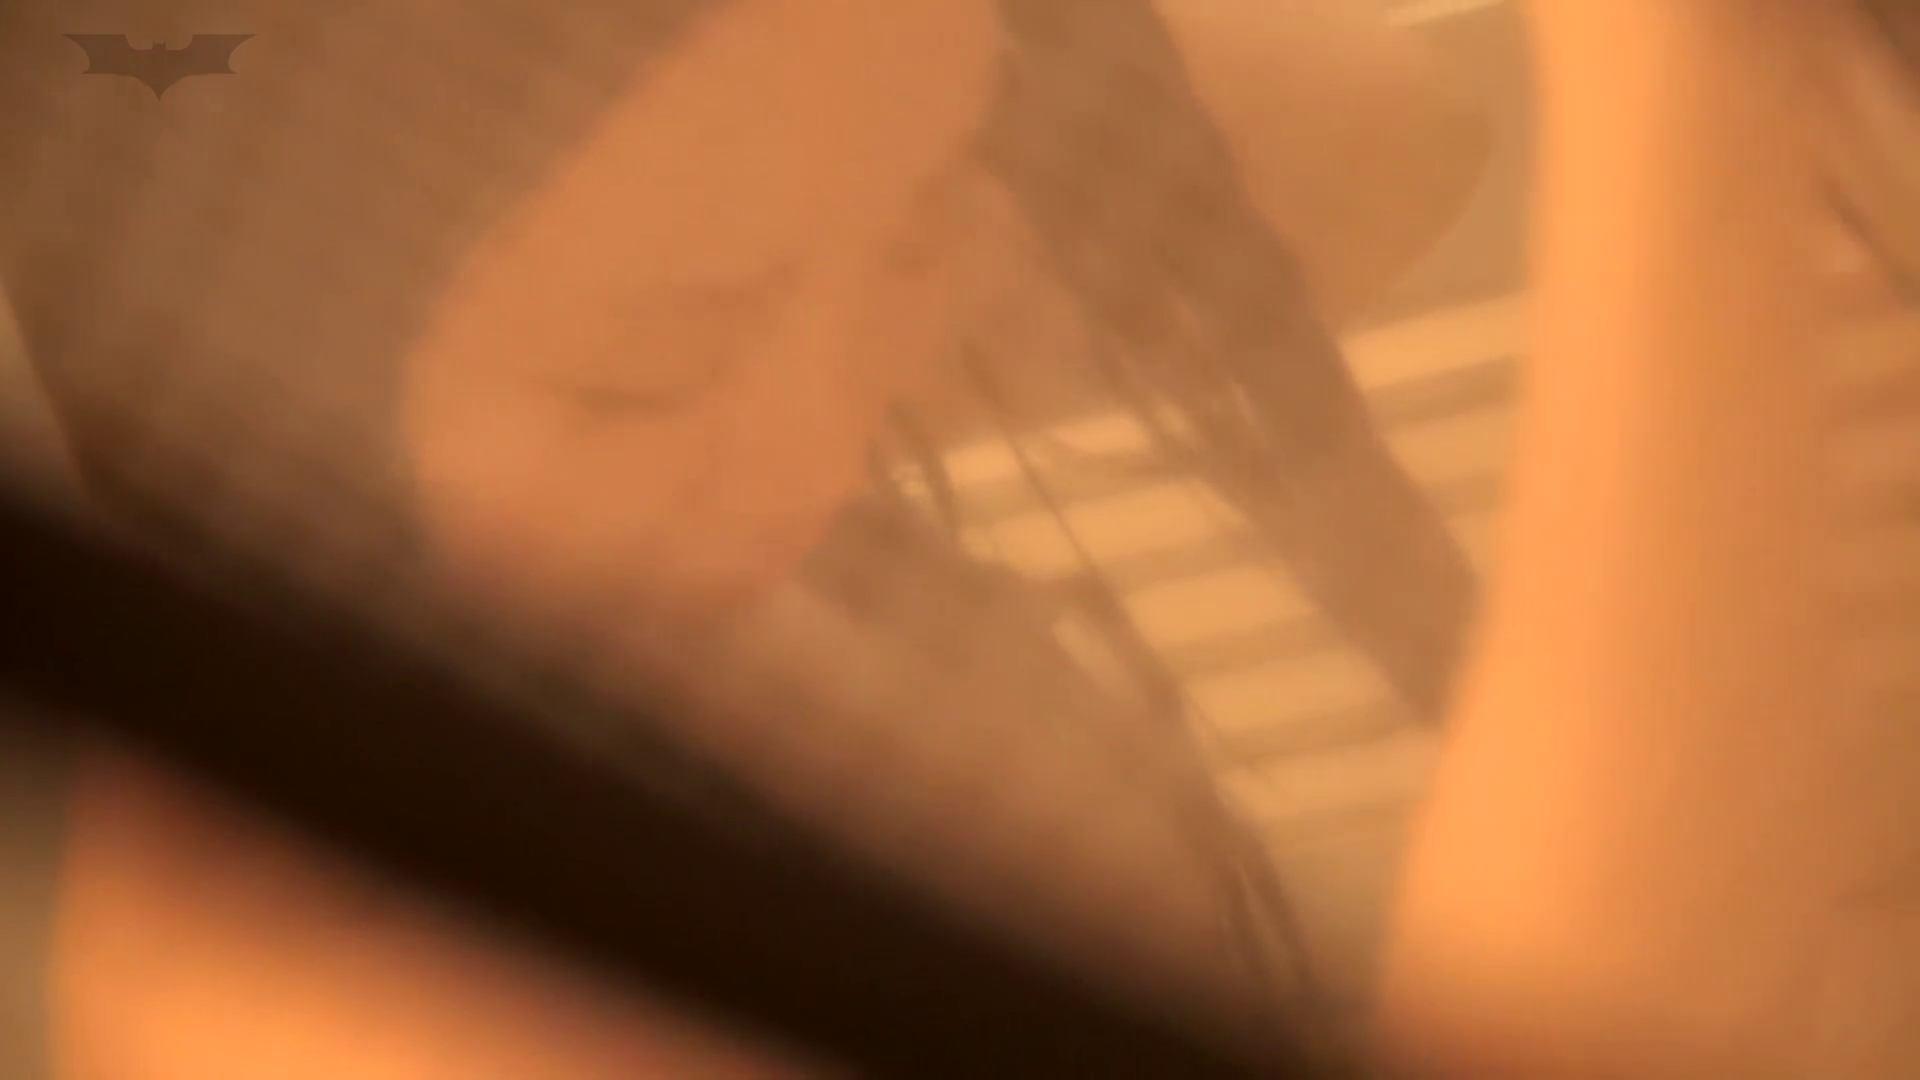 *華の女子寮ノゾキ* vol.03 こないだまでJKだった黒髪炉利っ子。 シャワー室 ヌード画像 98枚 57